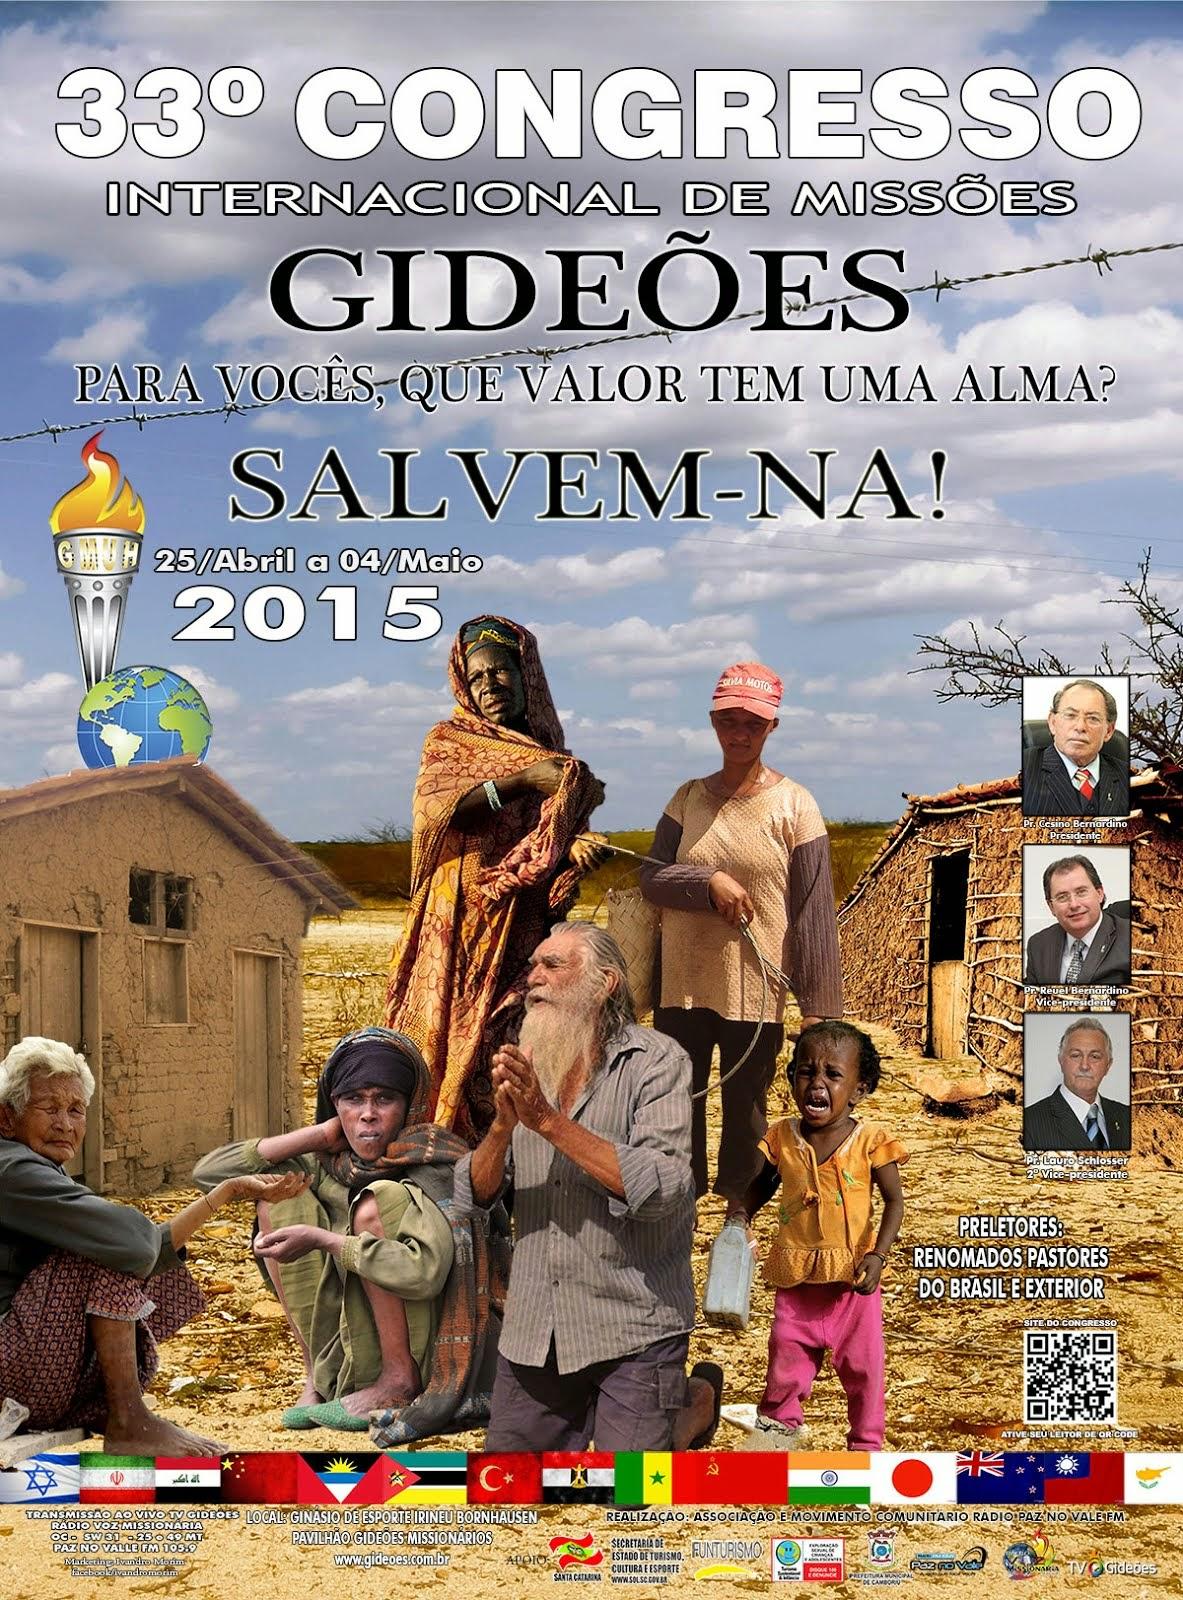 33º CONGRESSO INTERNACIONAL DE MISSÕES DOS GIDEÕES MISSIONÁRIOS DA ÚLTIMA HORA